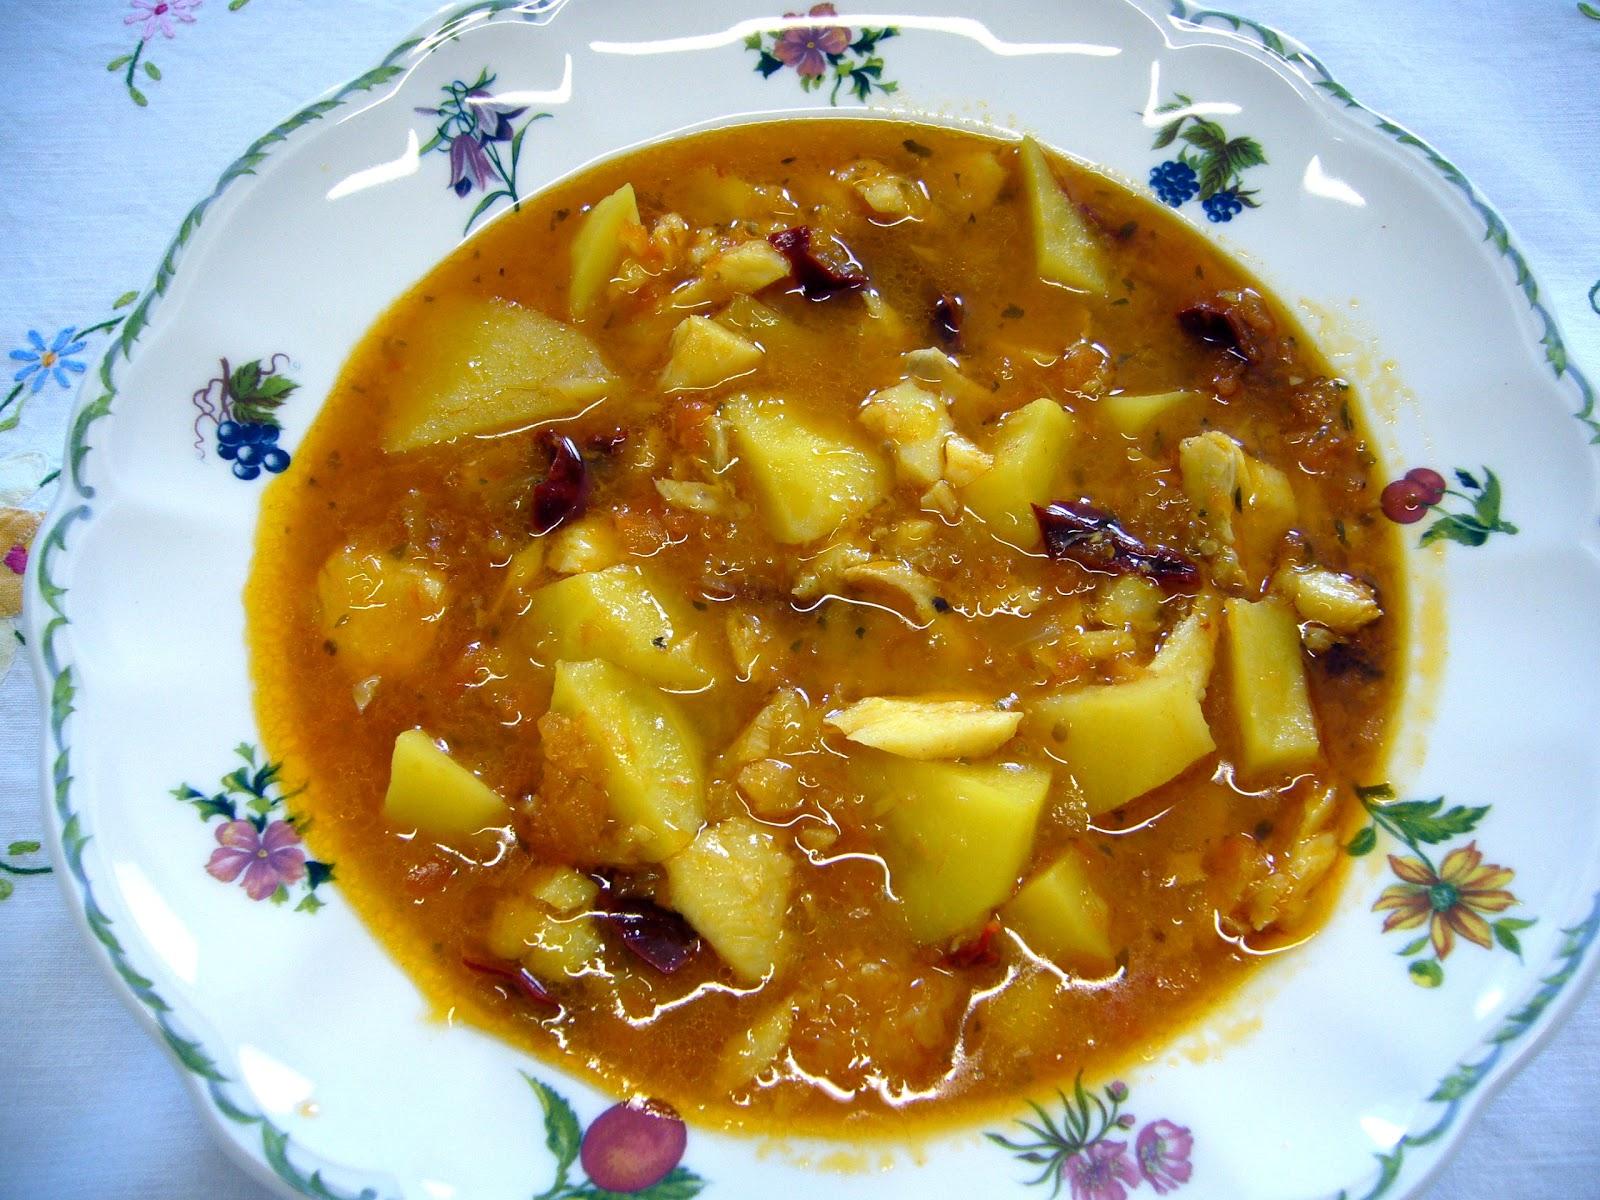 Cocina f cil de la familia patatas con bacalao y mojete for Cocina bacalao con patatas